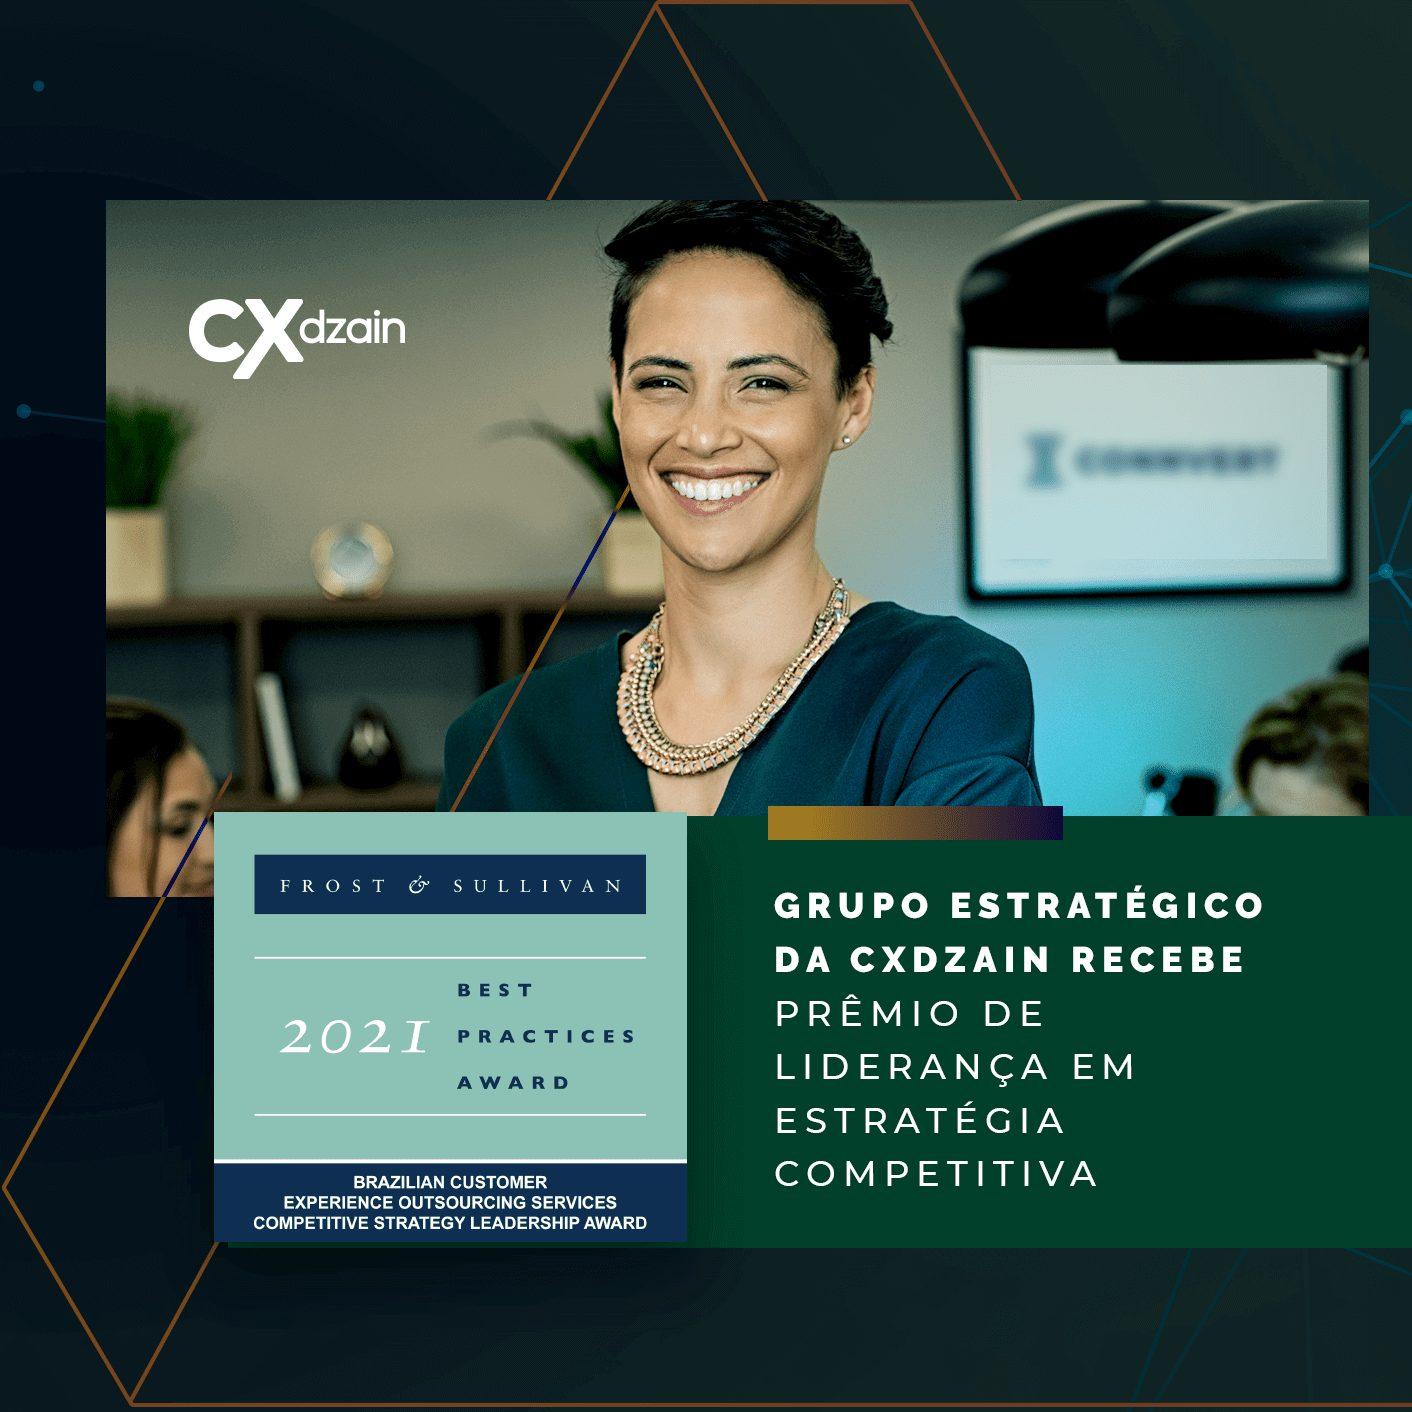 Grupo estratégico da CXdzain recebe prêmio da Frost & Sullivan em categoria inédita